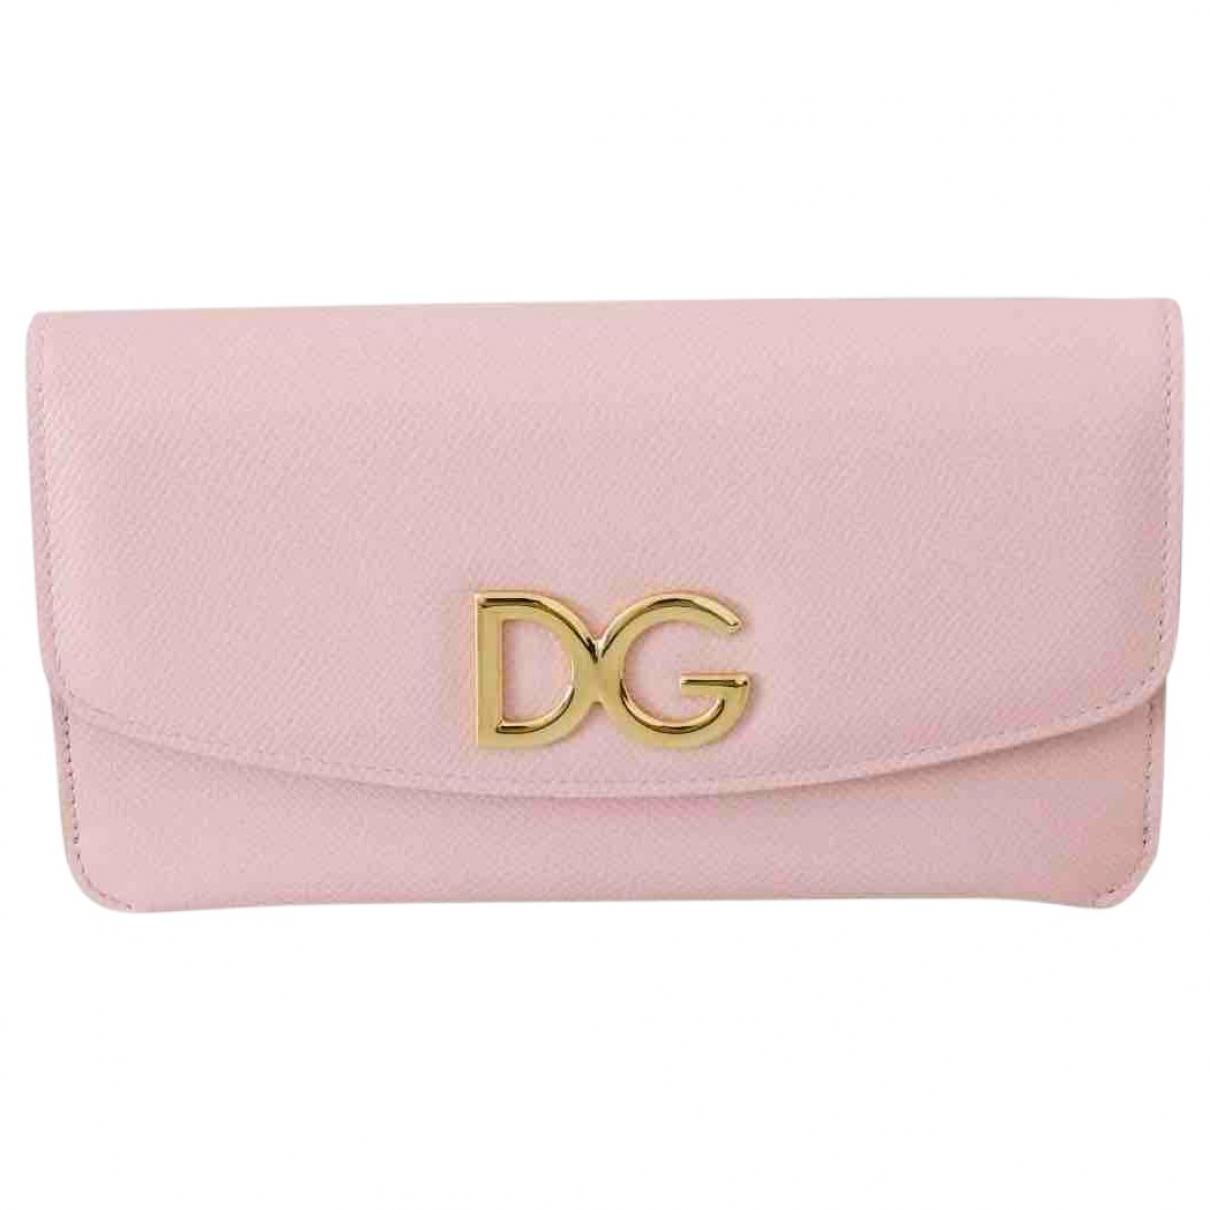 Dolce & Gabbana - Pochette   pour femme en cuir - rose